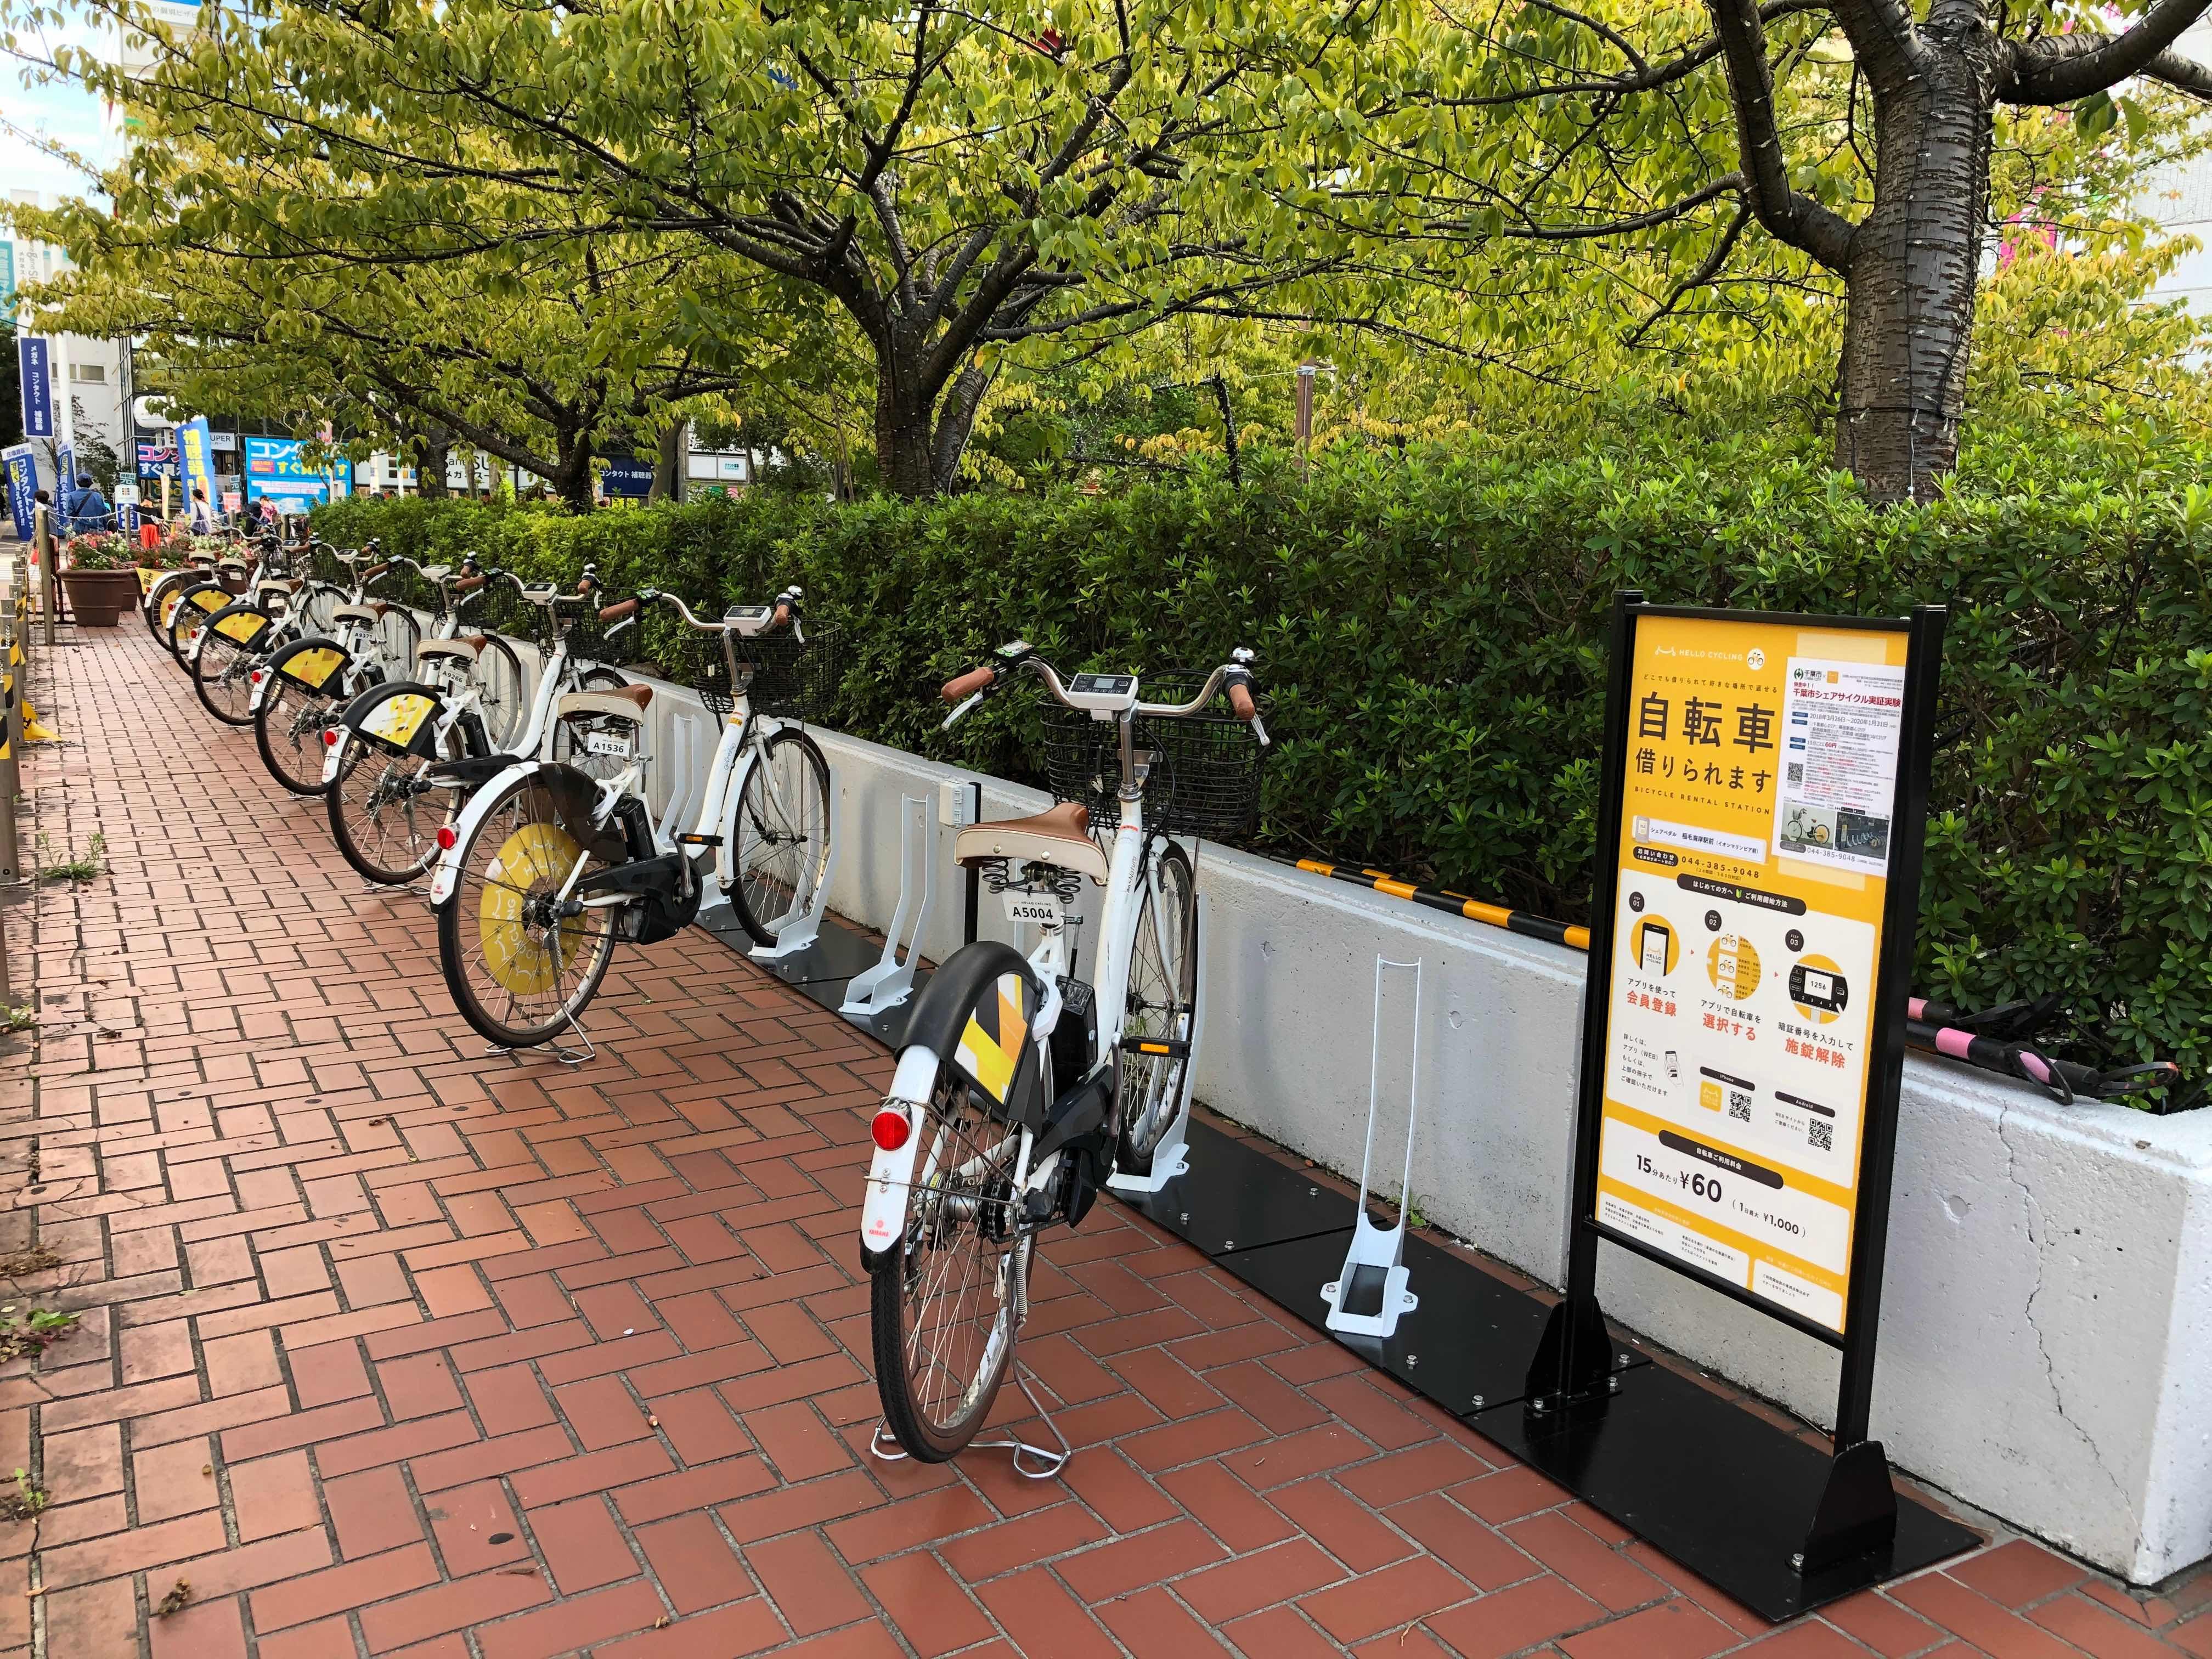 稲毛海岸駅前(イオンマリンピア店) (HELLO CYCLING ポート) image